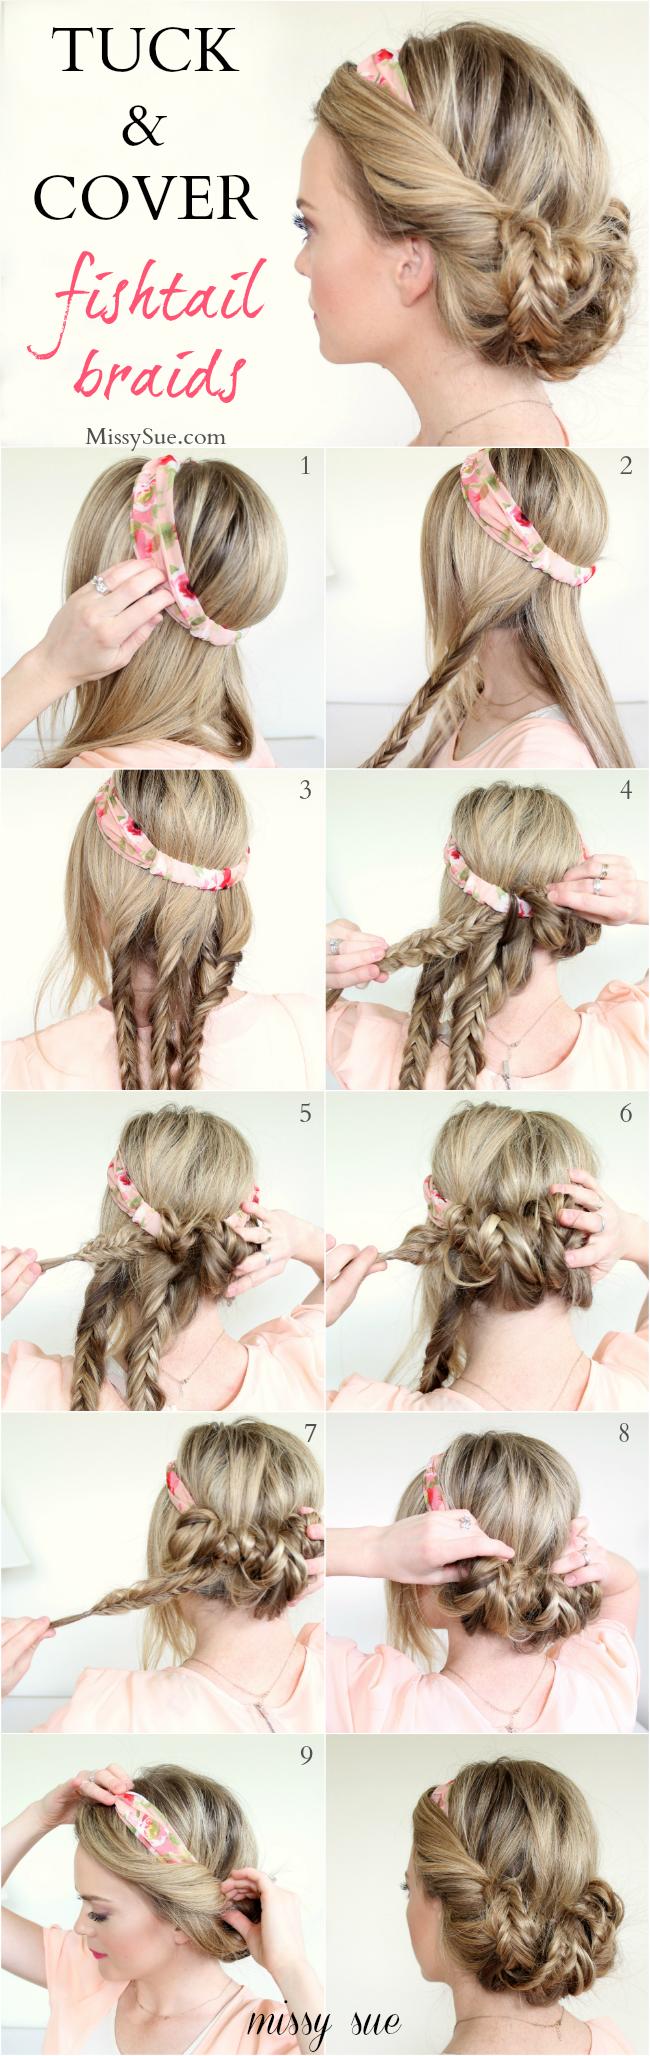 Pinterest frisuren mit haarband